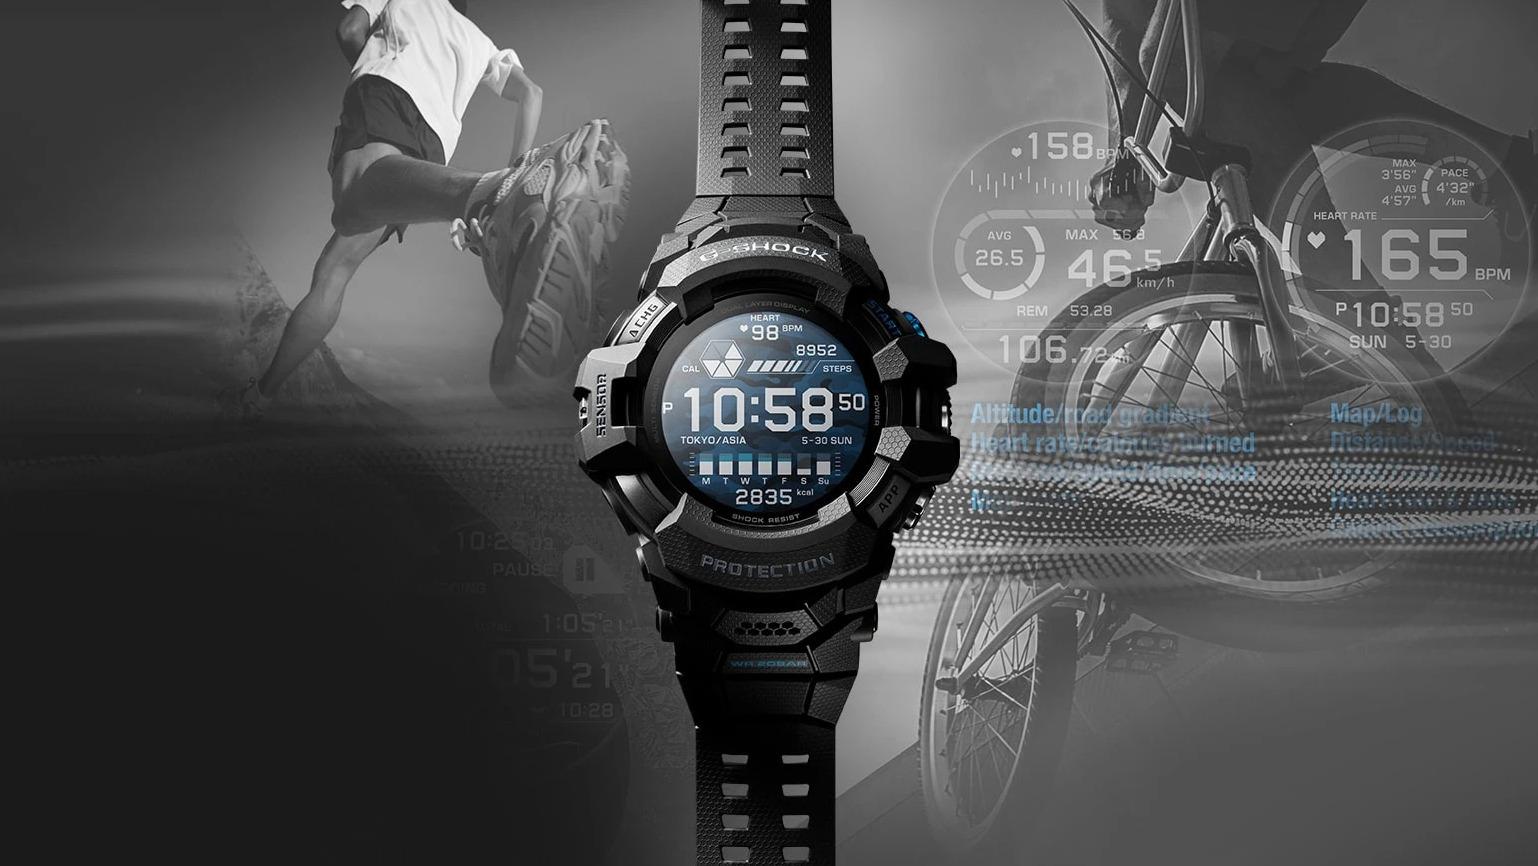 Casio G-Shock prvně s Wear OS od Googlu